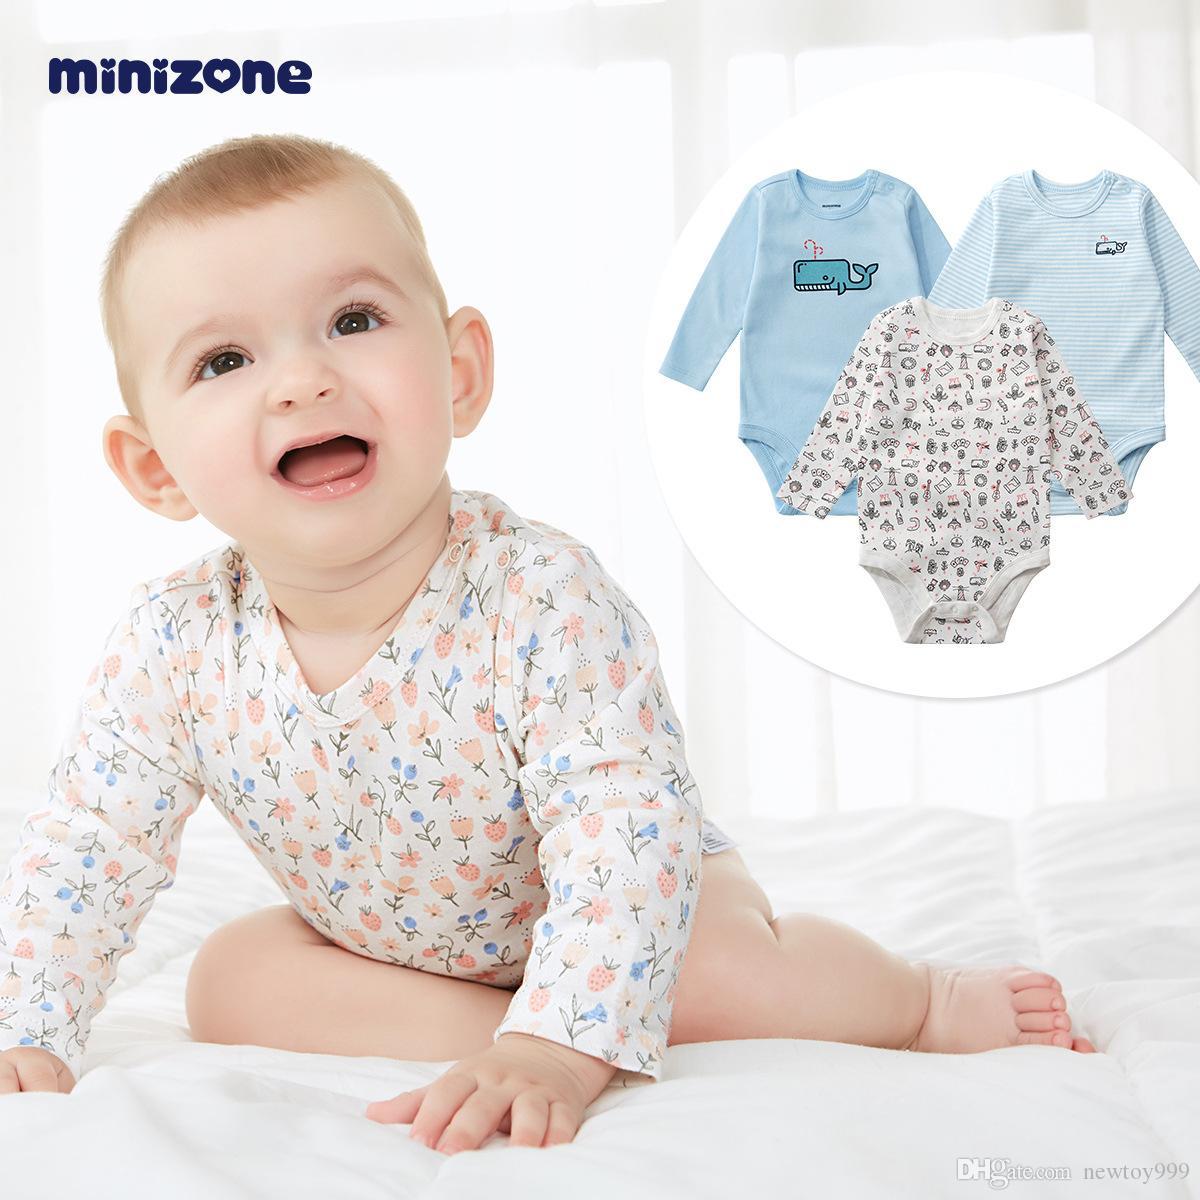 Kinder Overall Neugeborenes Baby Vollmond Geschenk Baby Kleidung 3 Stück Herbst Wear Boy und Girl 820